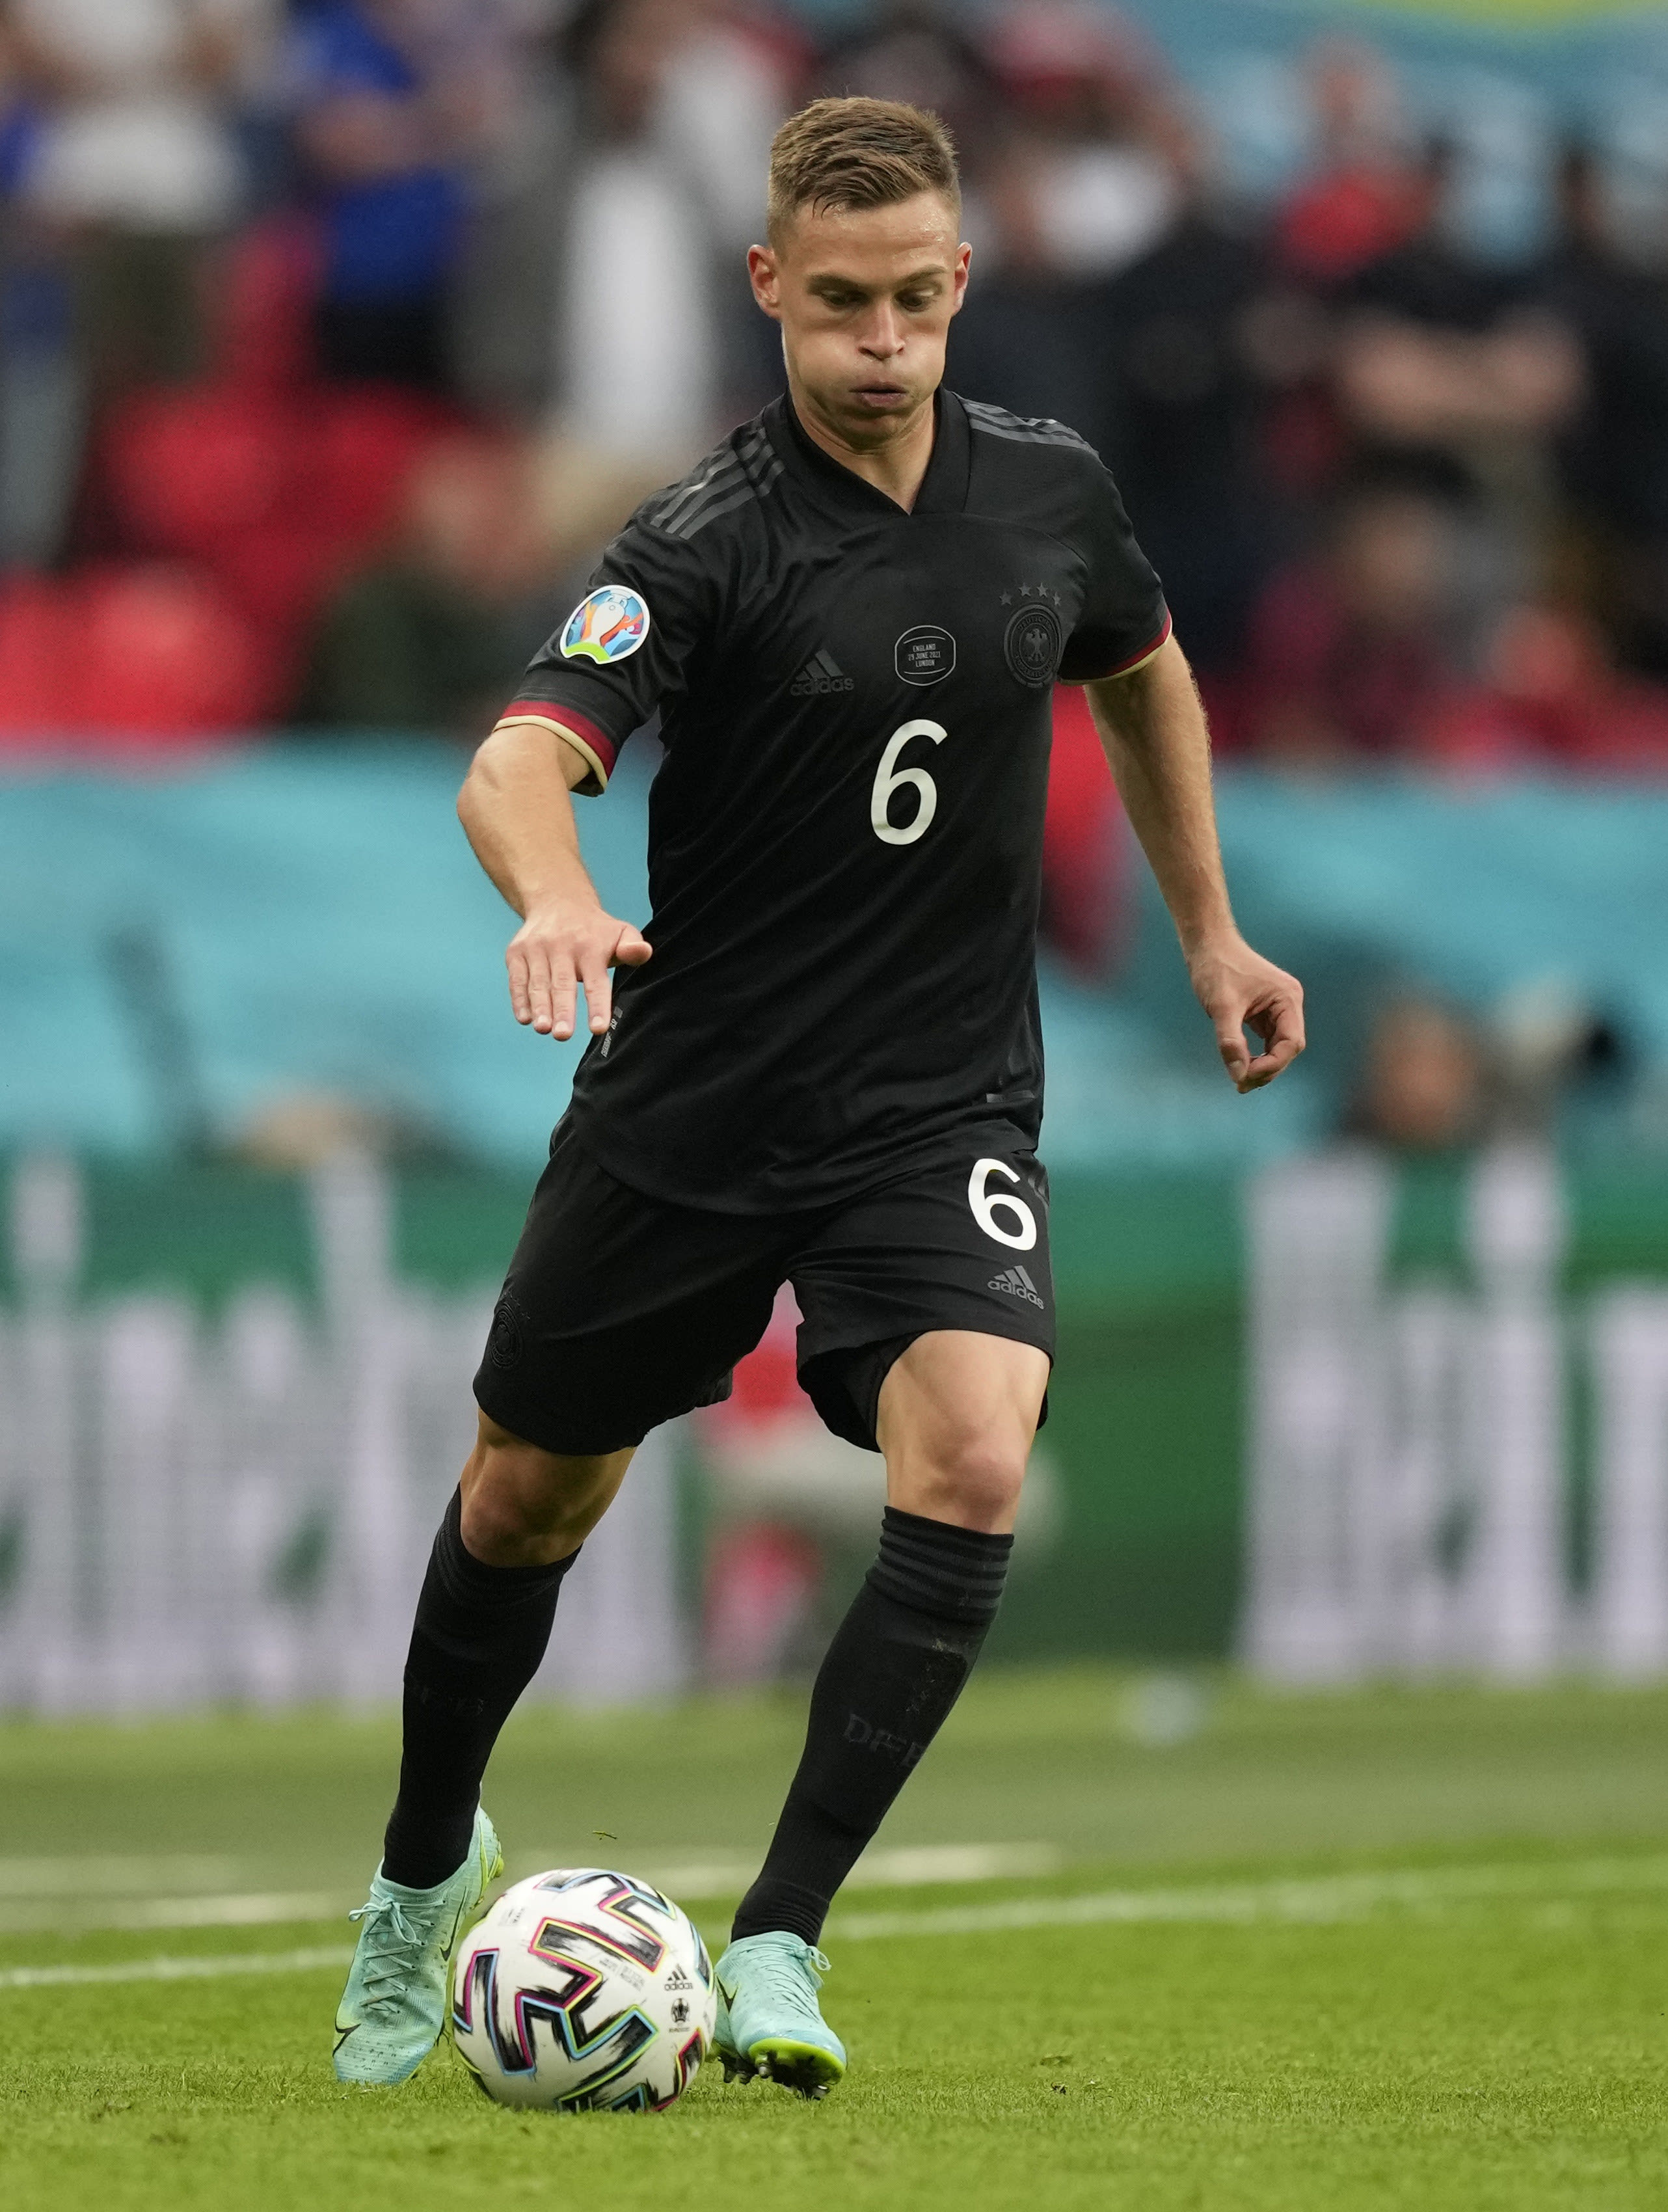 שחקן נבחרת גרמניה יוזואה קימיש